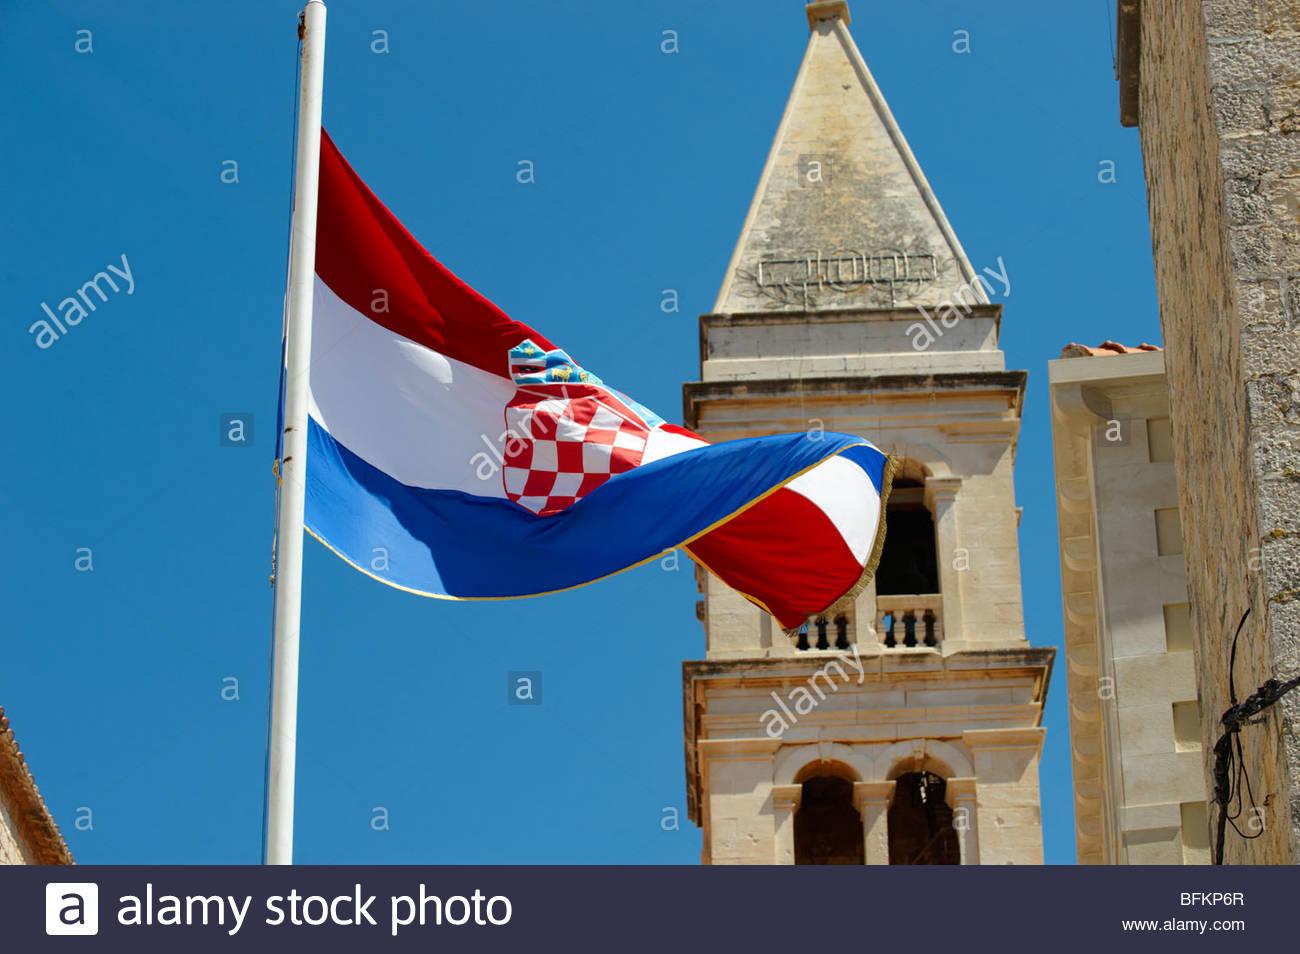 Hafen von kroatischen Nationalflagge, Supetar, Insel Brac, Kroatien Stockbild